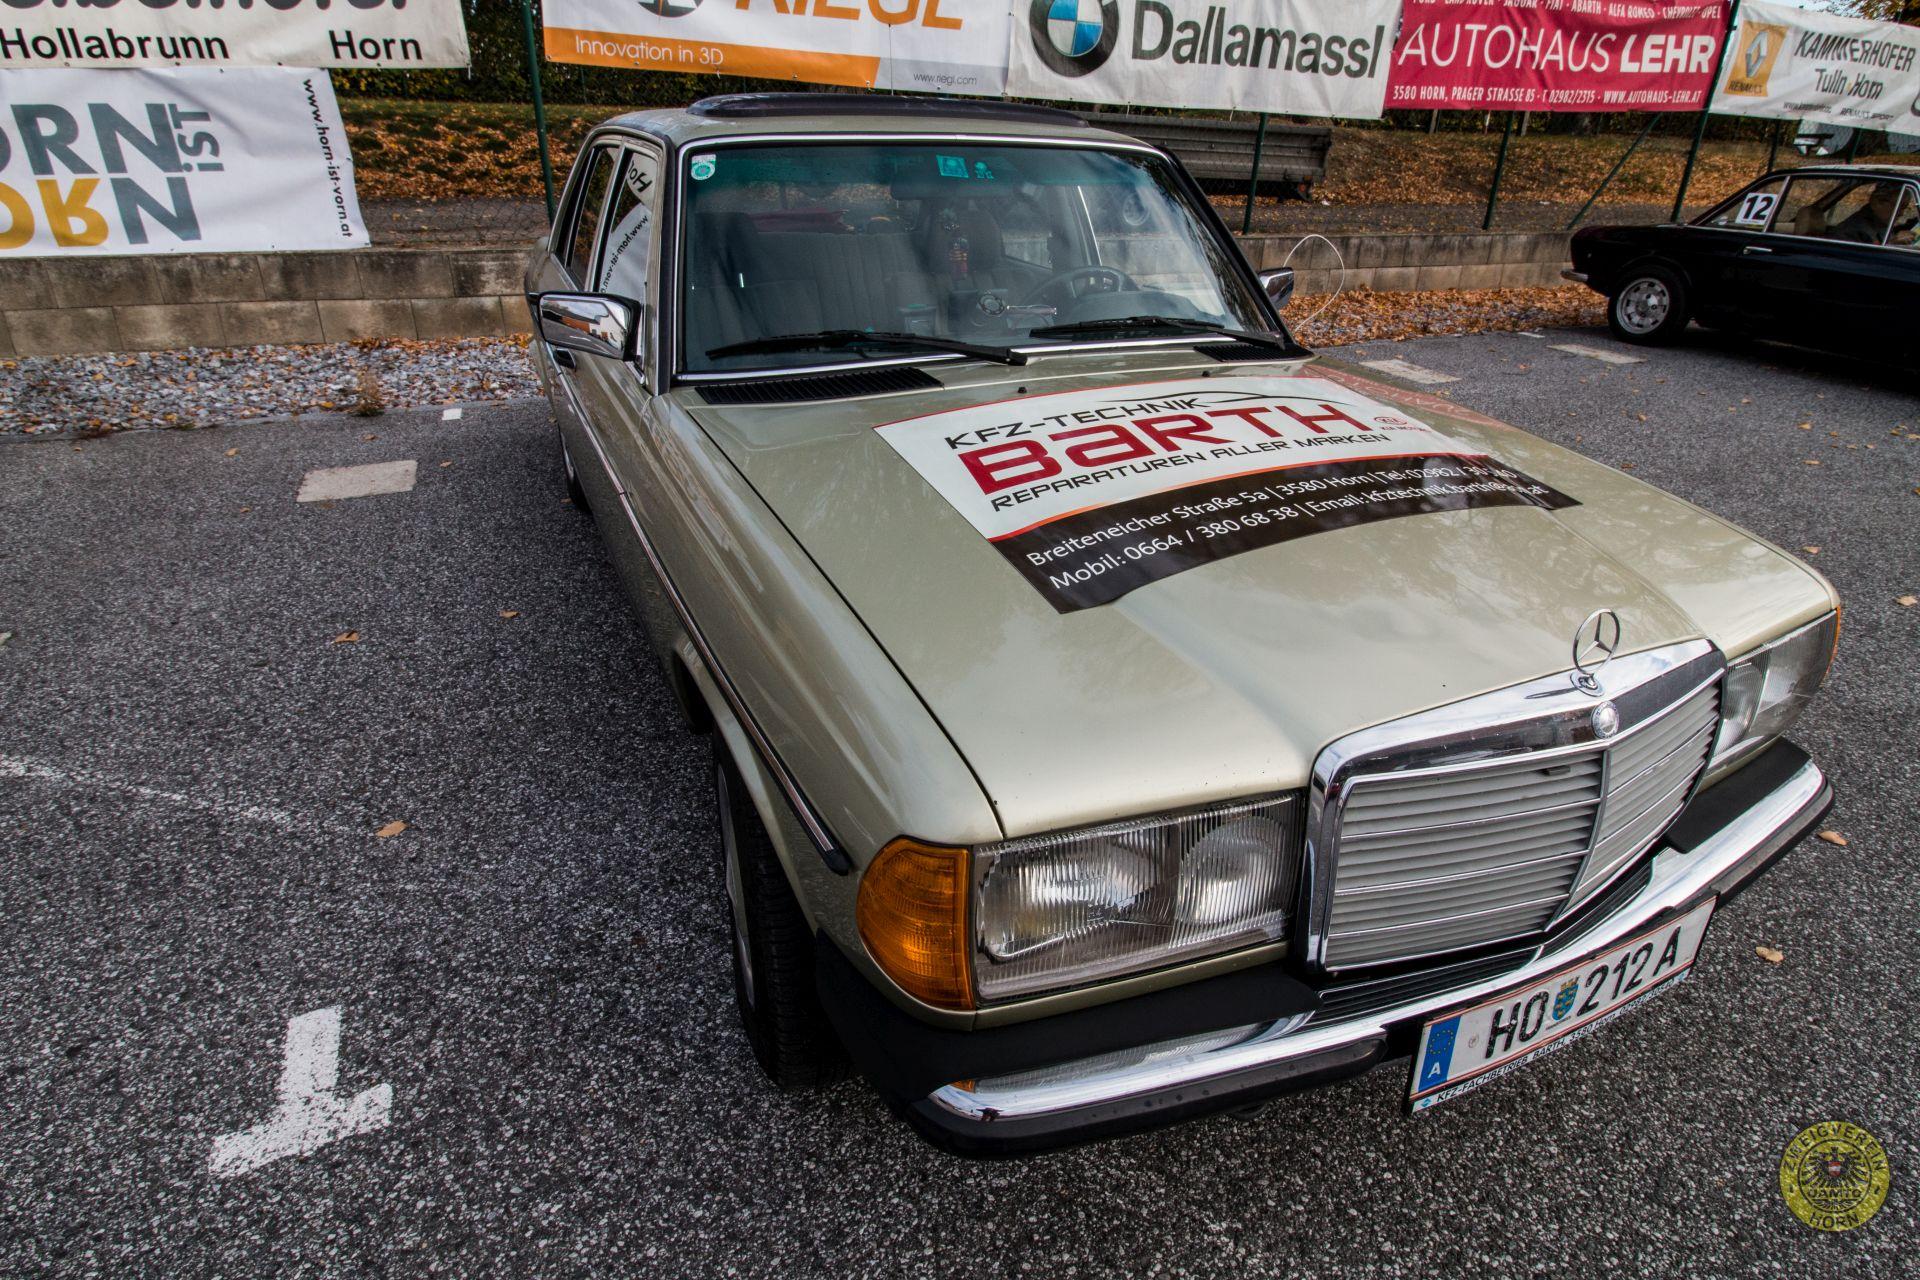 Fotogalerie Amtc Zweigverein Horn Mercedes Benz 00 1 20171014 085843 Img 4996 085910 4997 085927 4998